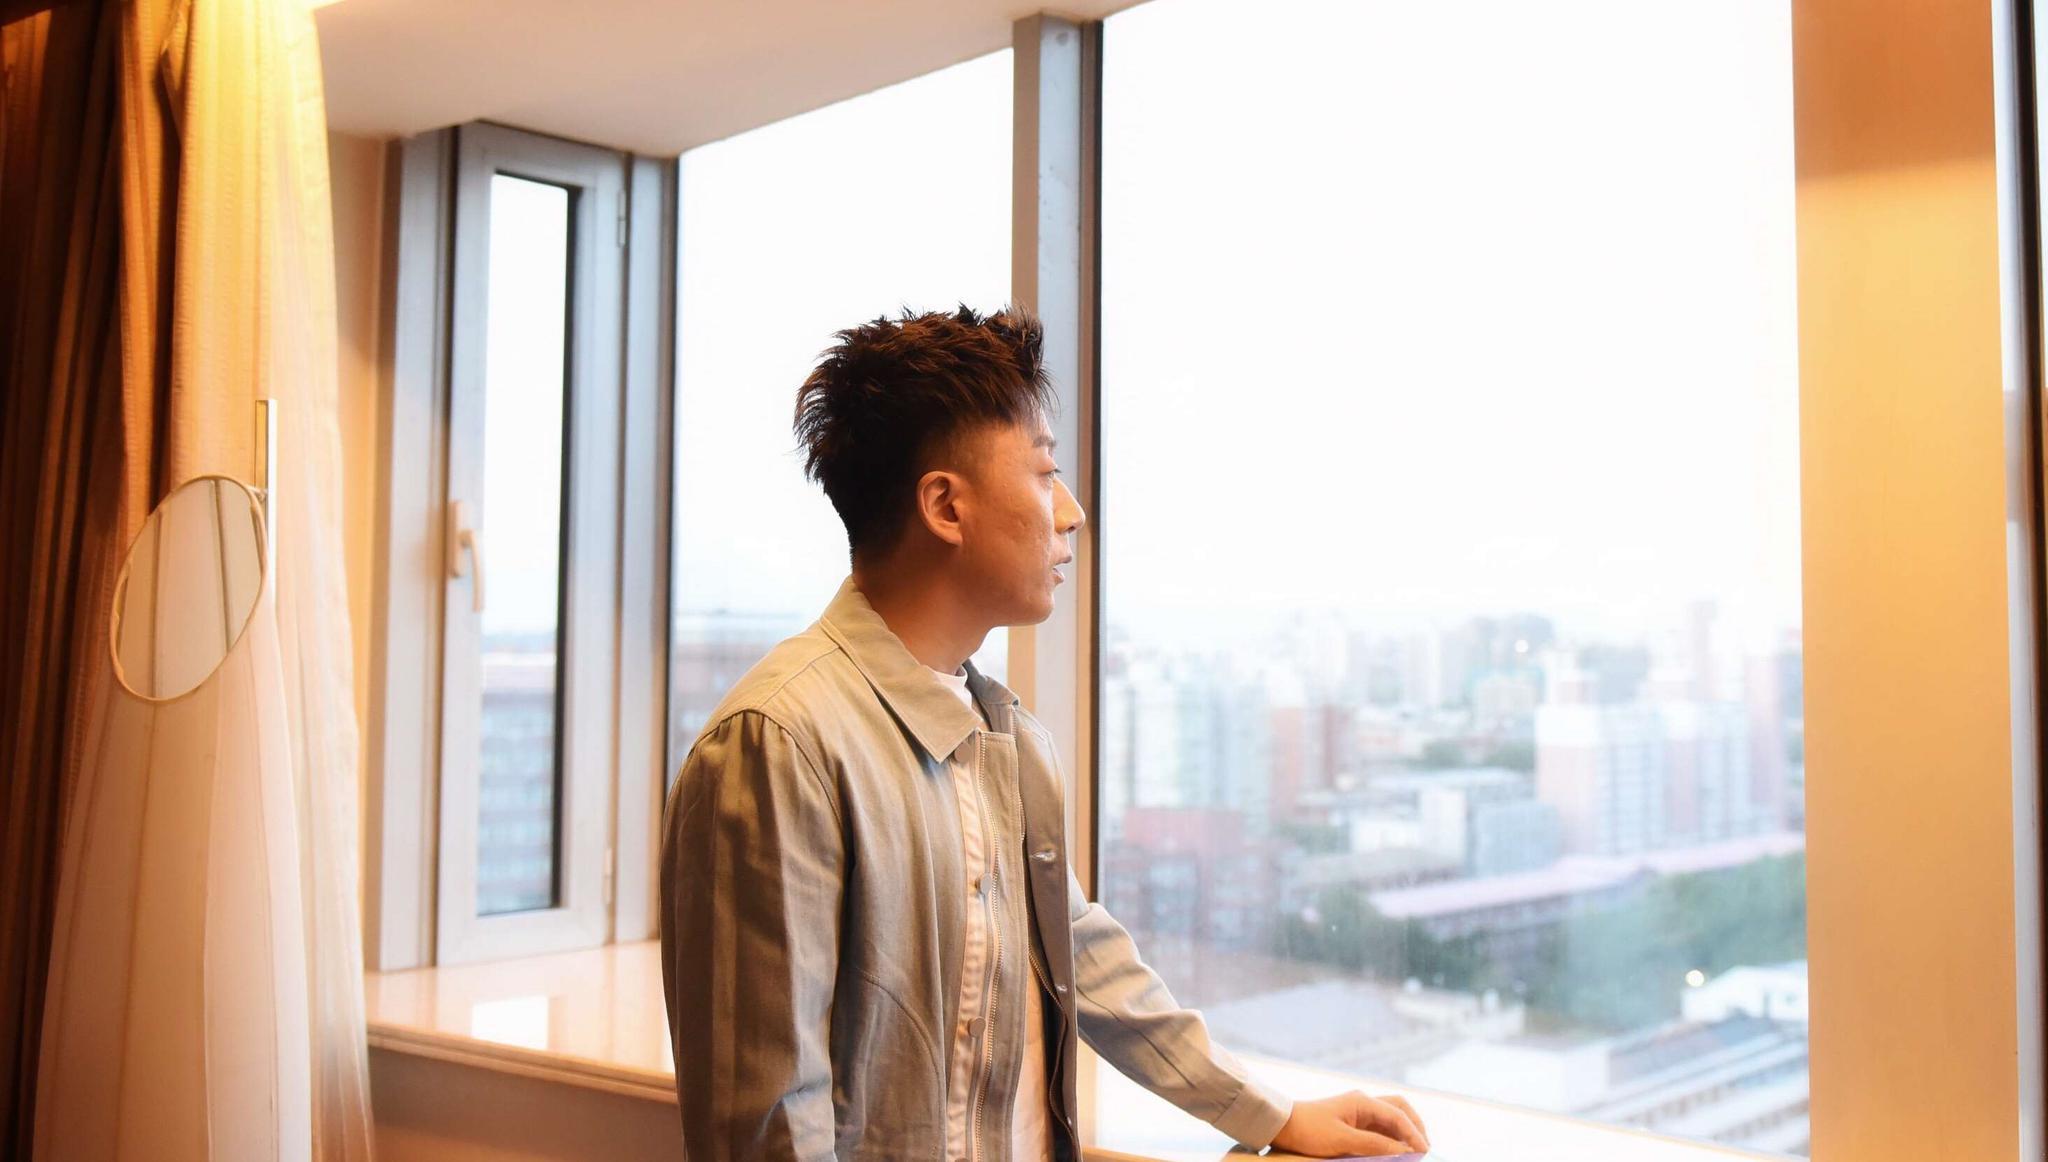 张磊与好友组建足球队 闲适淡然找寻音乐灵感